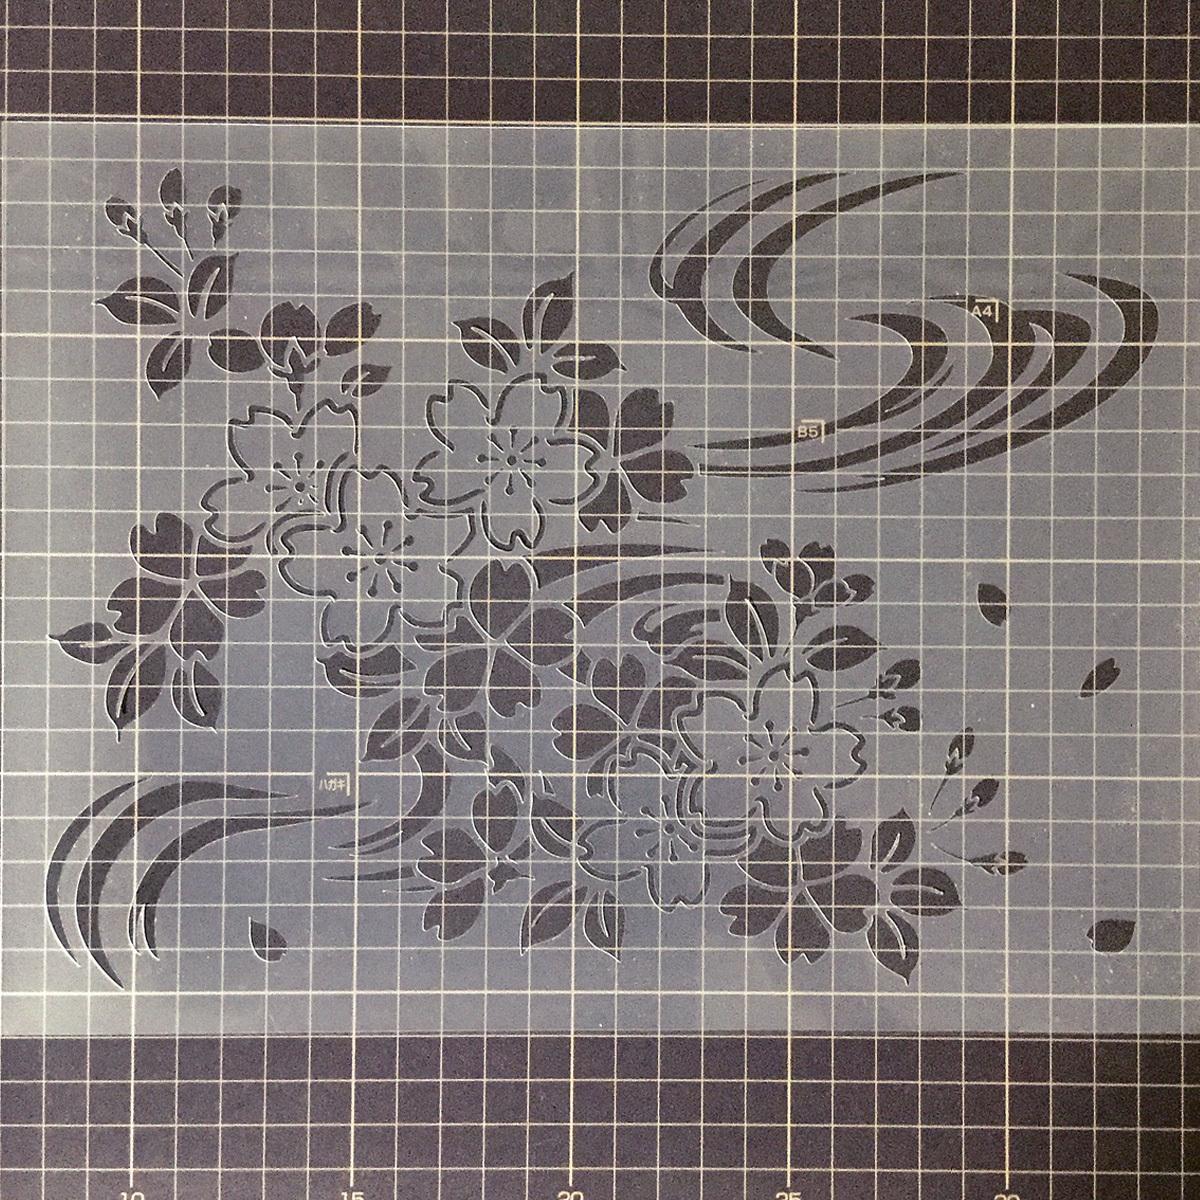 さくら4番 花 桜と流水 ステンシルシート 図案型紙 No554_画像4